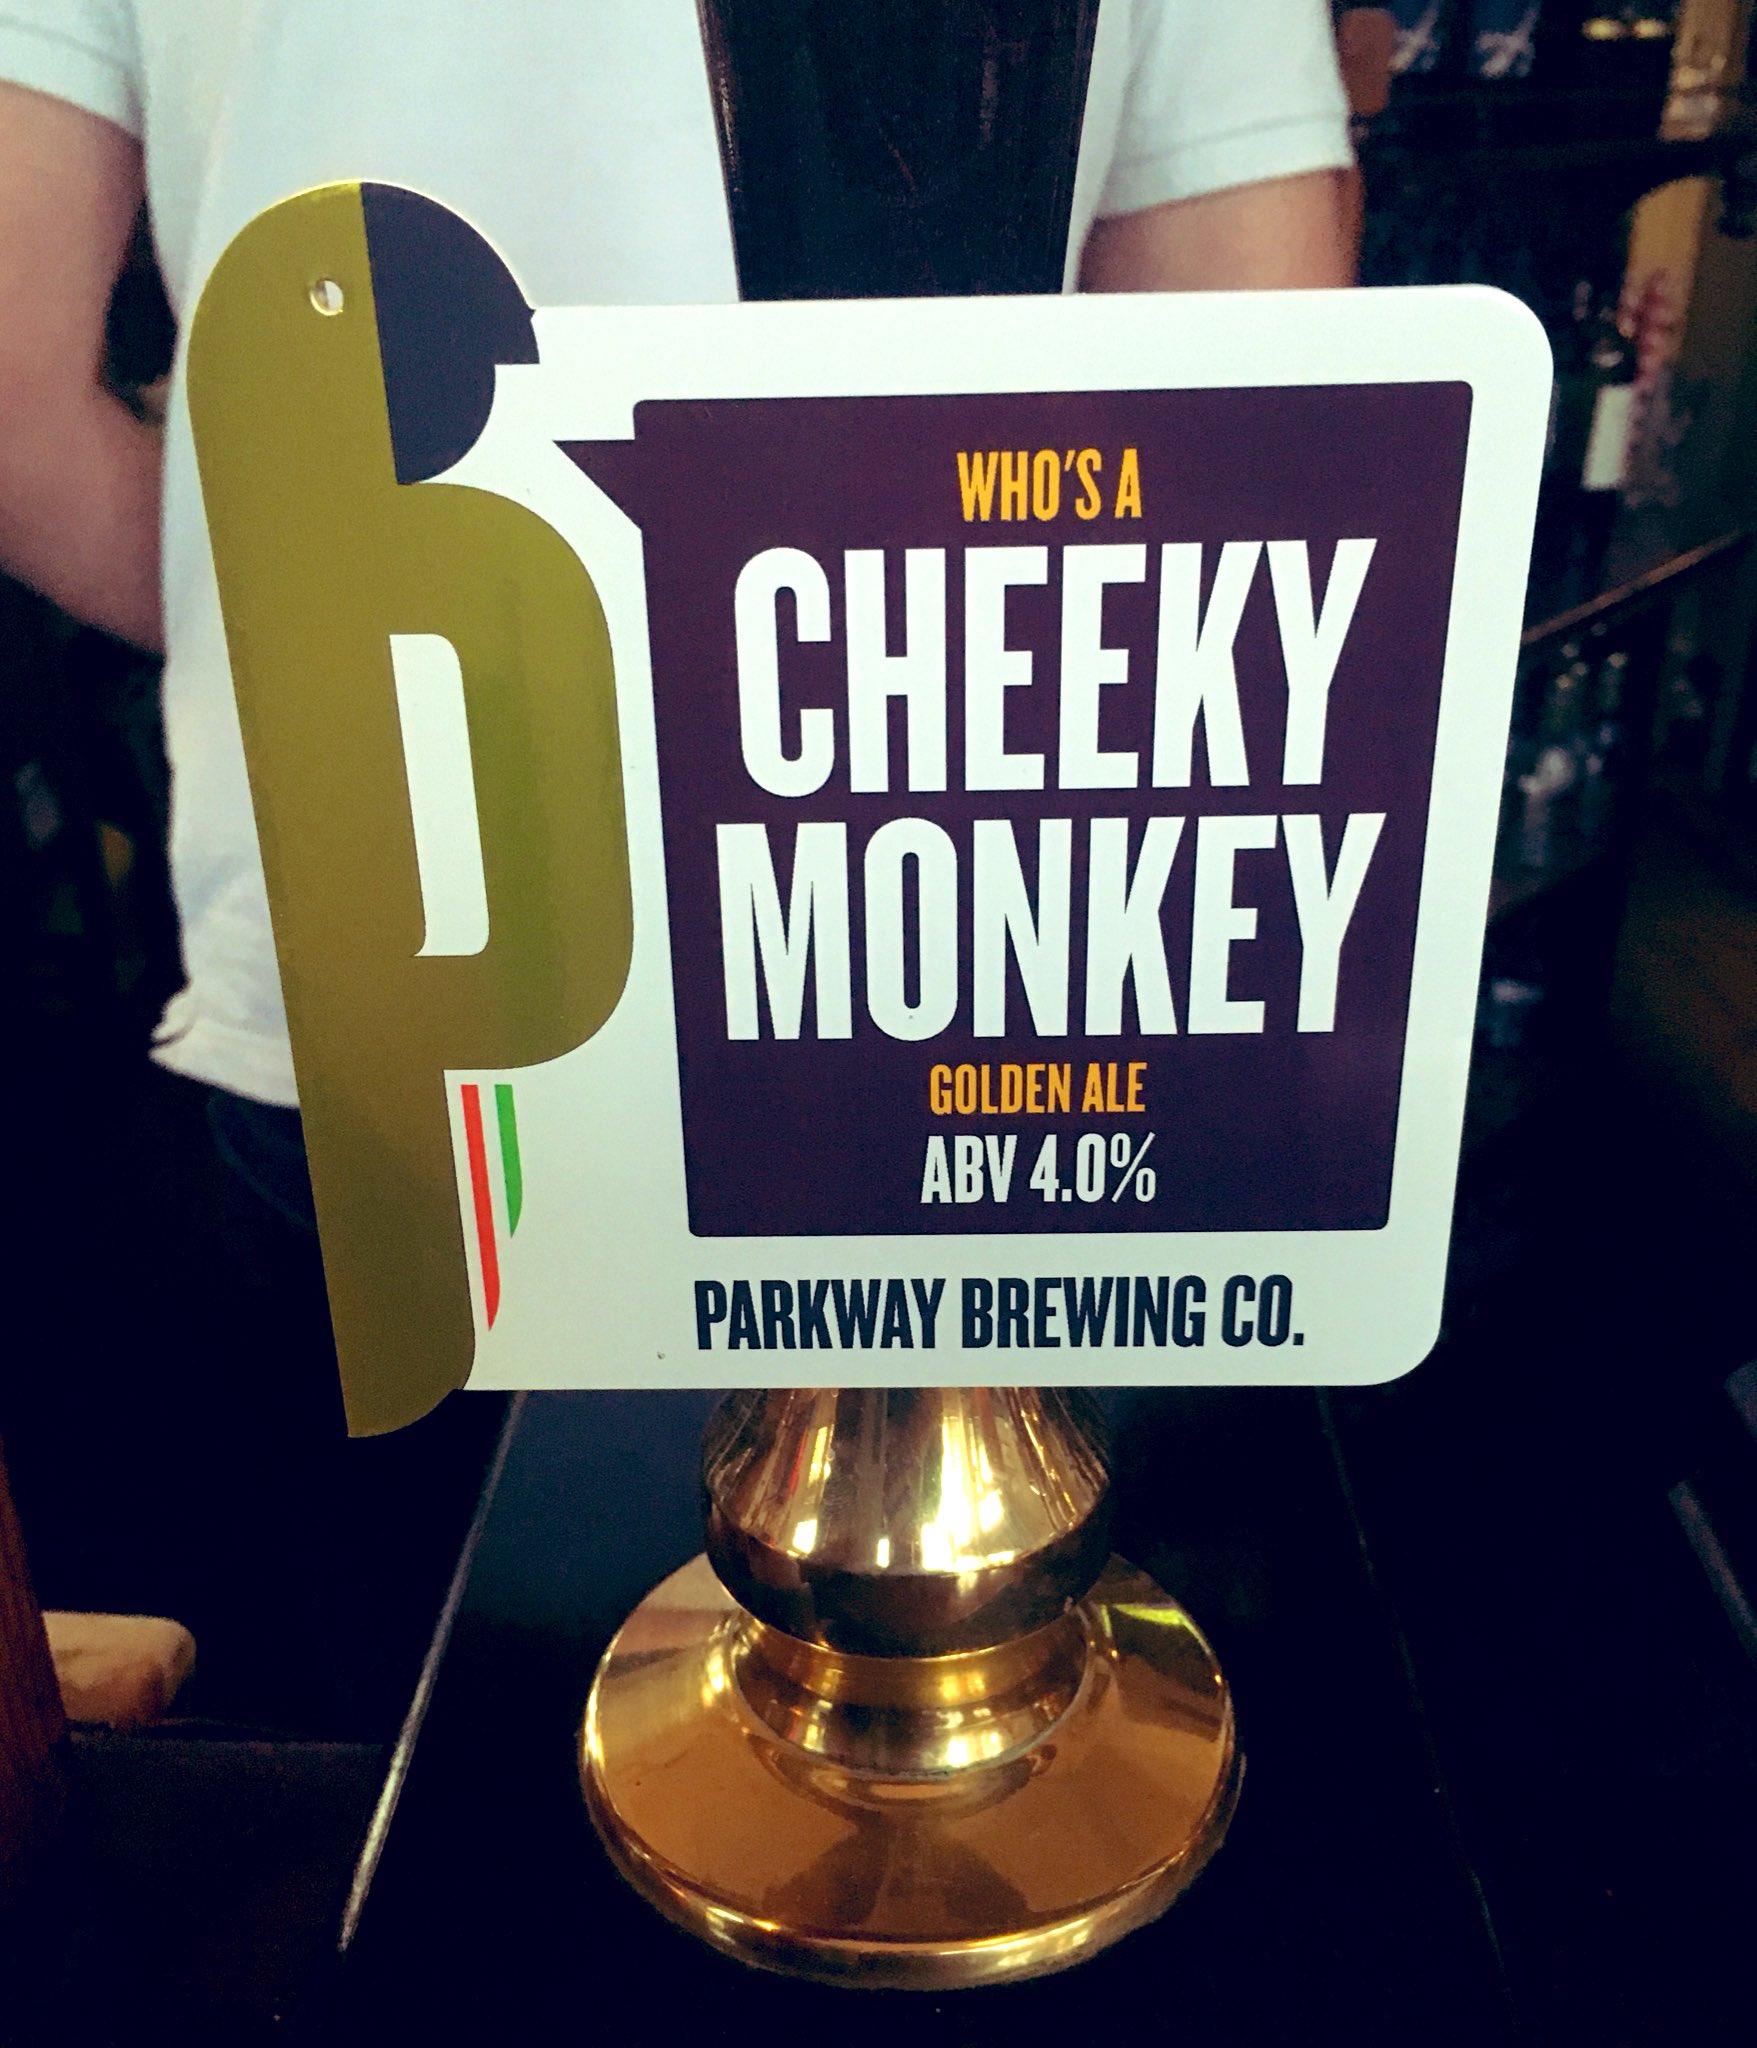 192: Cheeky Monkey